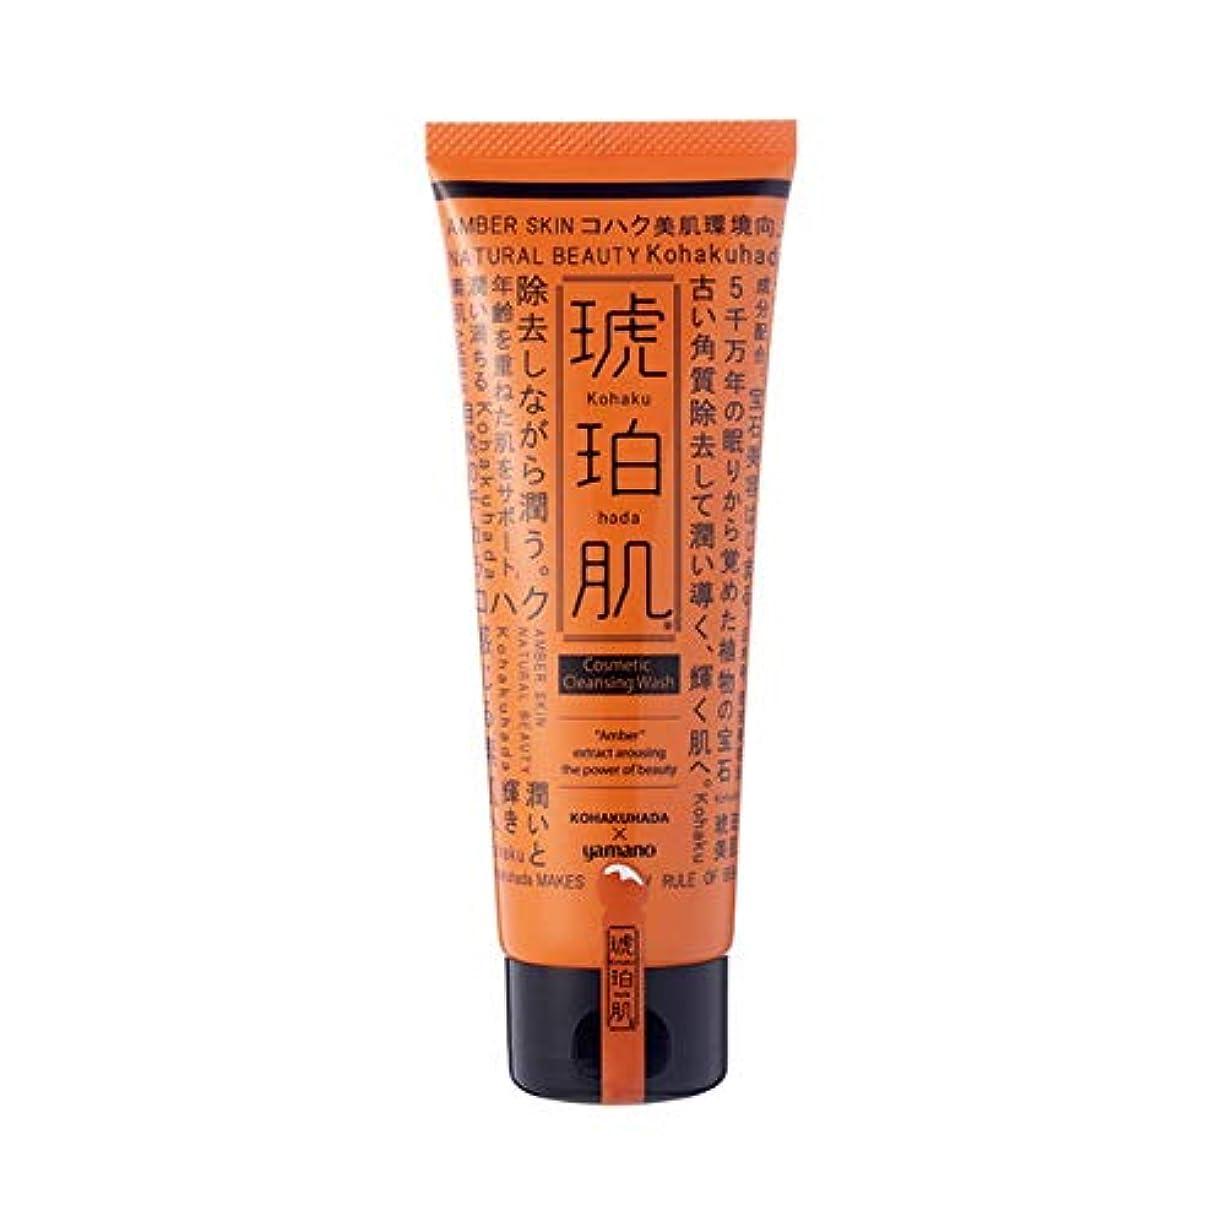 助言マトロン削除する琥珀肌 美容クレンジング洗顔 120g